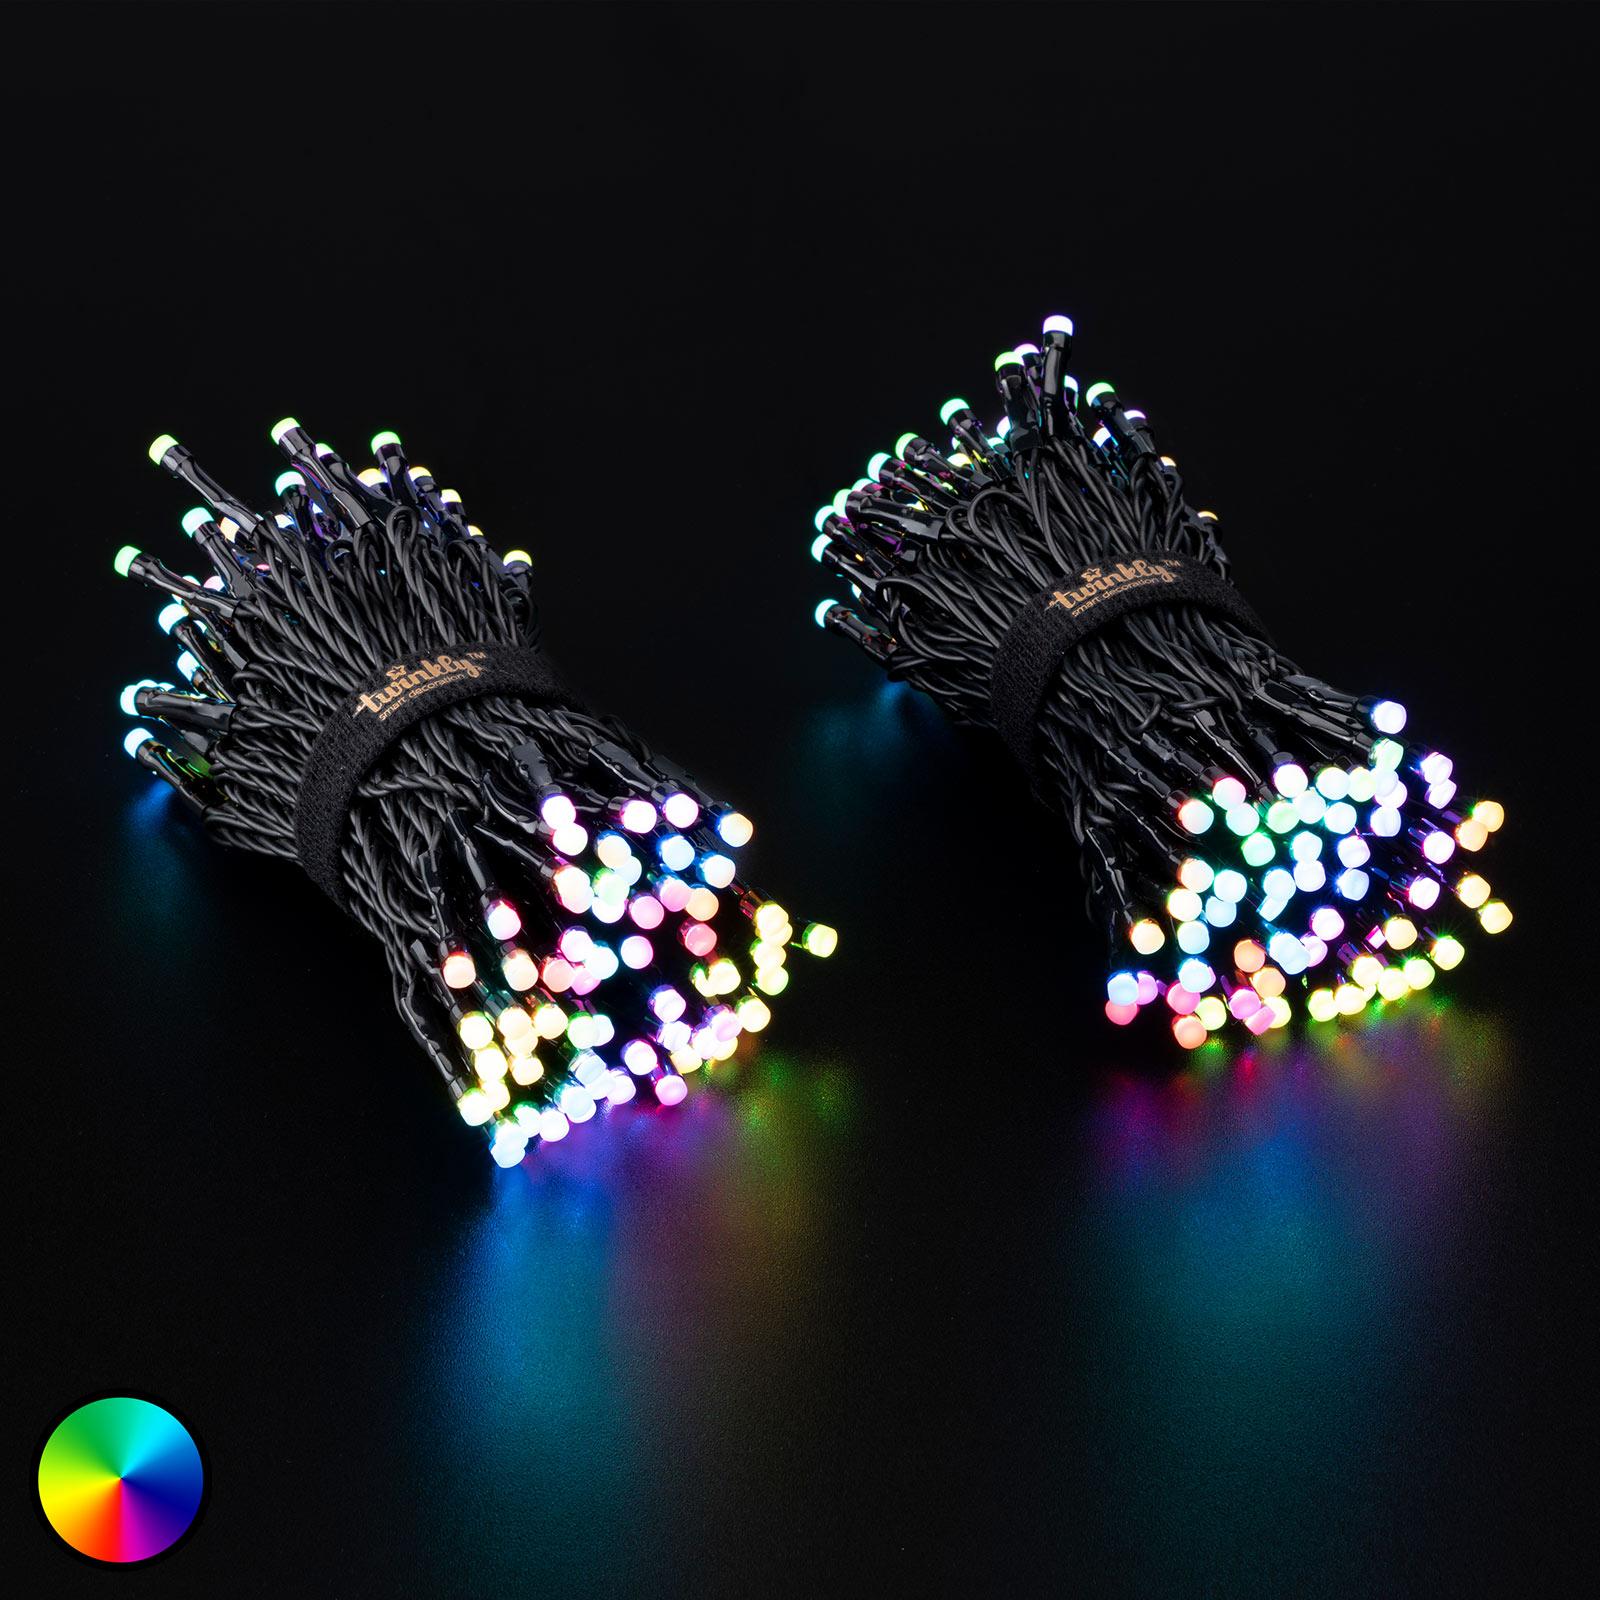 Lichterkette Twinkly RGBW, 250-fl. 20m schwarz